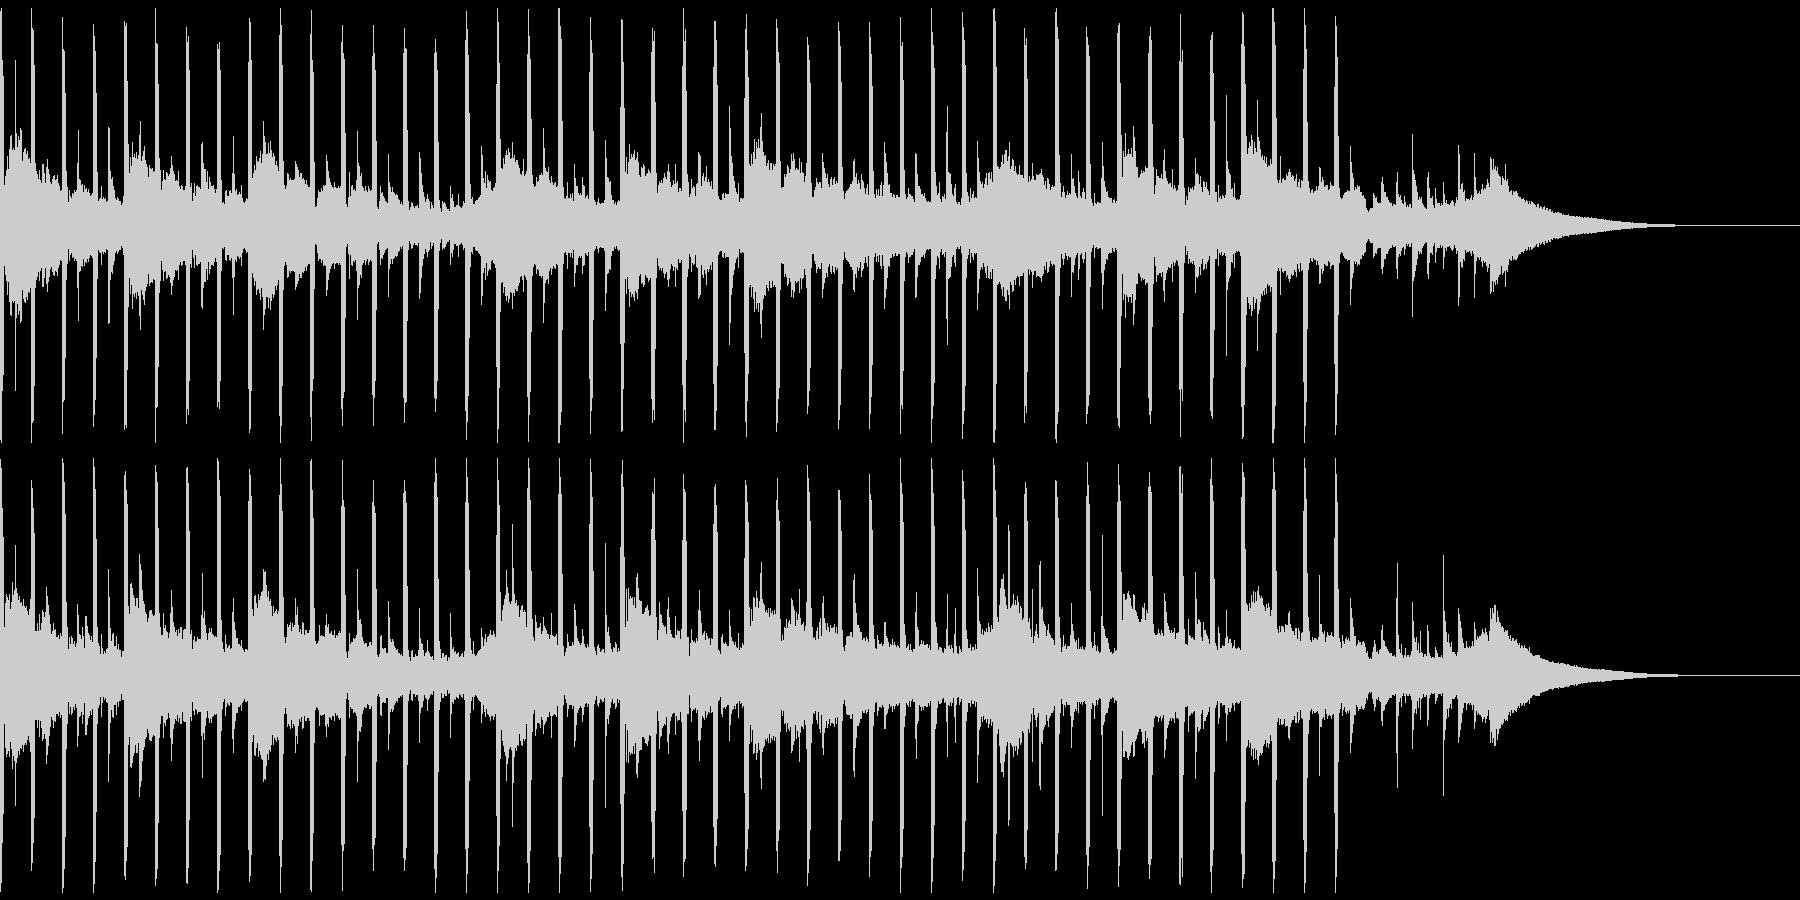 動機付けインタビュー(30秒)の未再生の波形